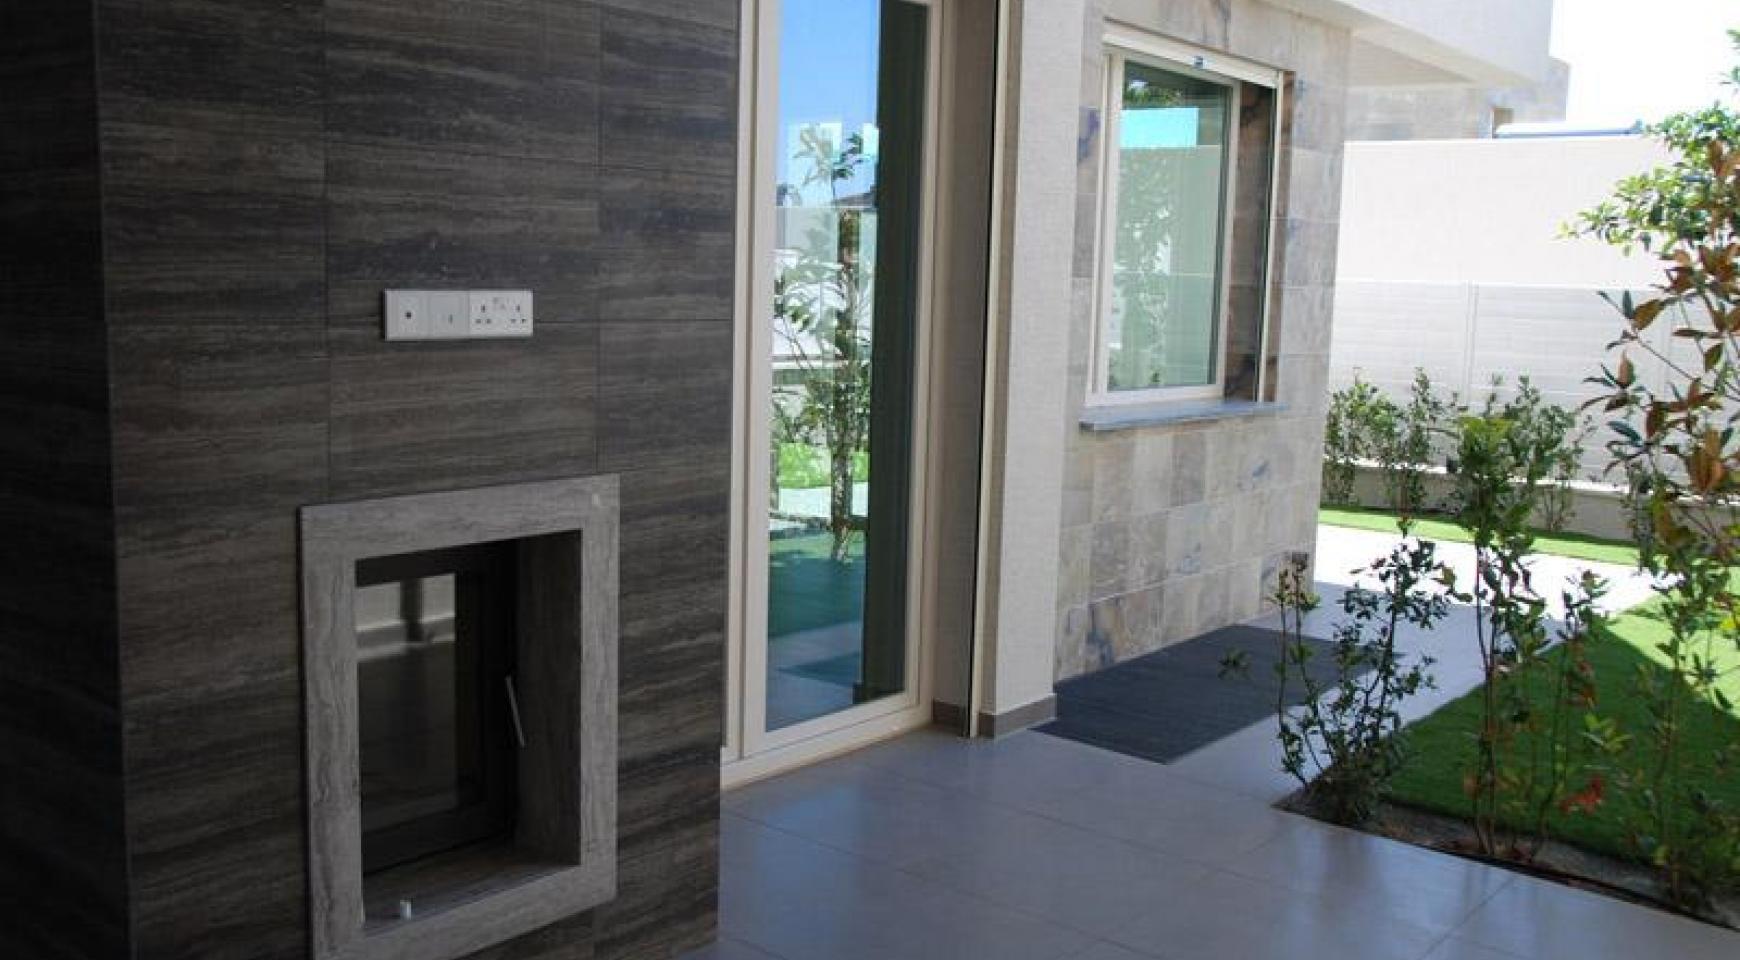 Luxurious 4 Bedroom Villa in a Prestigious Complex near the Sea - 6